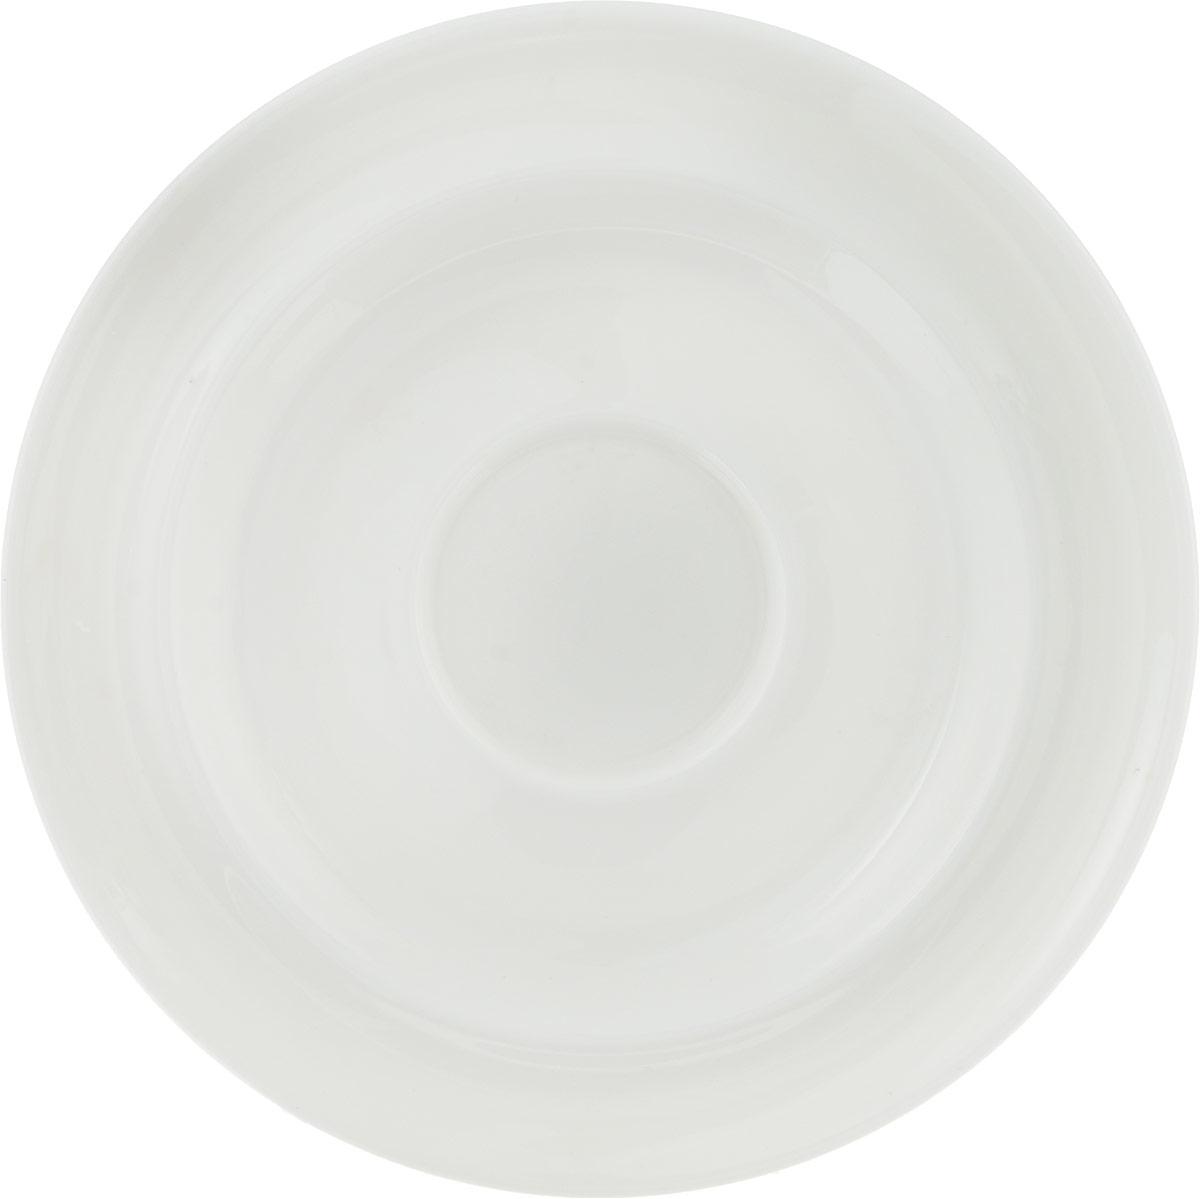 Блюдце для эспрессо Royal Porcelain Максадьюра, диаметр 12,5 смРП-8520Royal - новый уникальный продукт на рынке фарфора, производится из материала, в состав которого входит алюминиум (глинозем) в виде порошка, что придаёт фарфору уникальные свойства: белоснежный цвет, как на поверхности, так и на изломе, более тонкие и изящные формы, так как добавление металла делает фарфоровую массу более пластичной, устойчивость к сколам и царапинам. Возможный перепад температур при эксплуатации до 200 градусов. Фарфор покрывается глазурью, что характеризует эту посуду как продукт высшего класса. Идеально подходит для использования в микроволновой печи и посудомоечной машине.